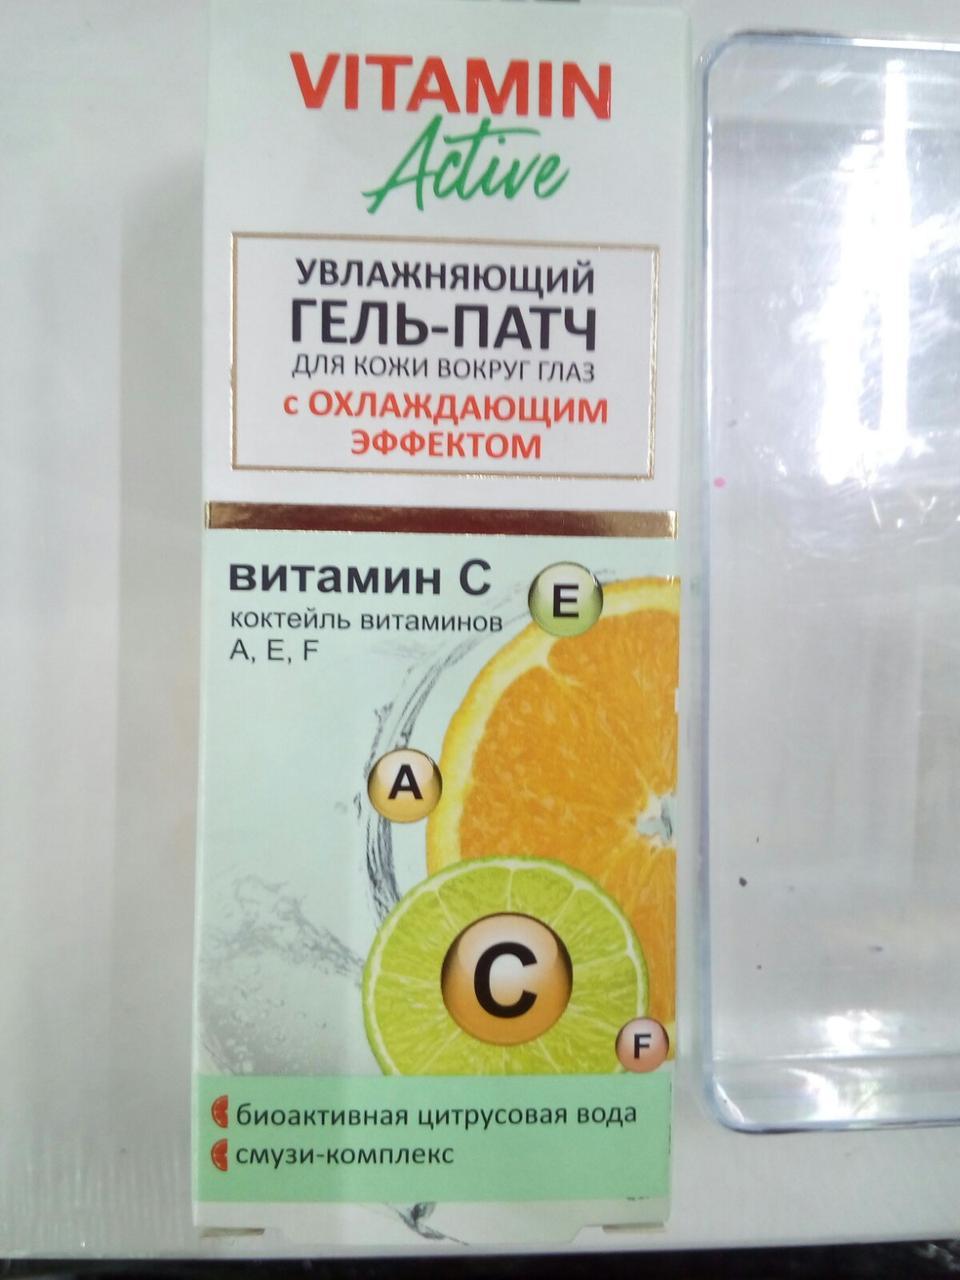 Зволожуючий гель-патч з охолоджуючим ефектом для шкіри навколо очей Vitamin Active від Витэкс